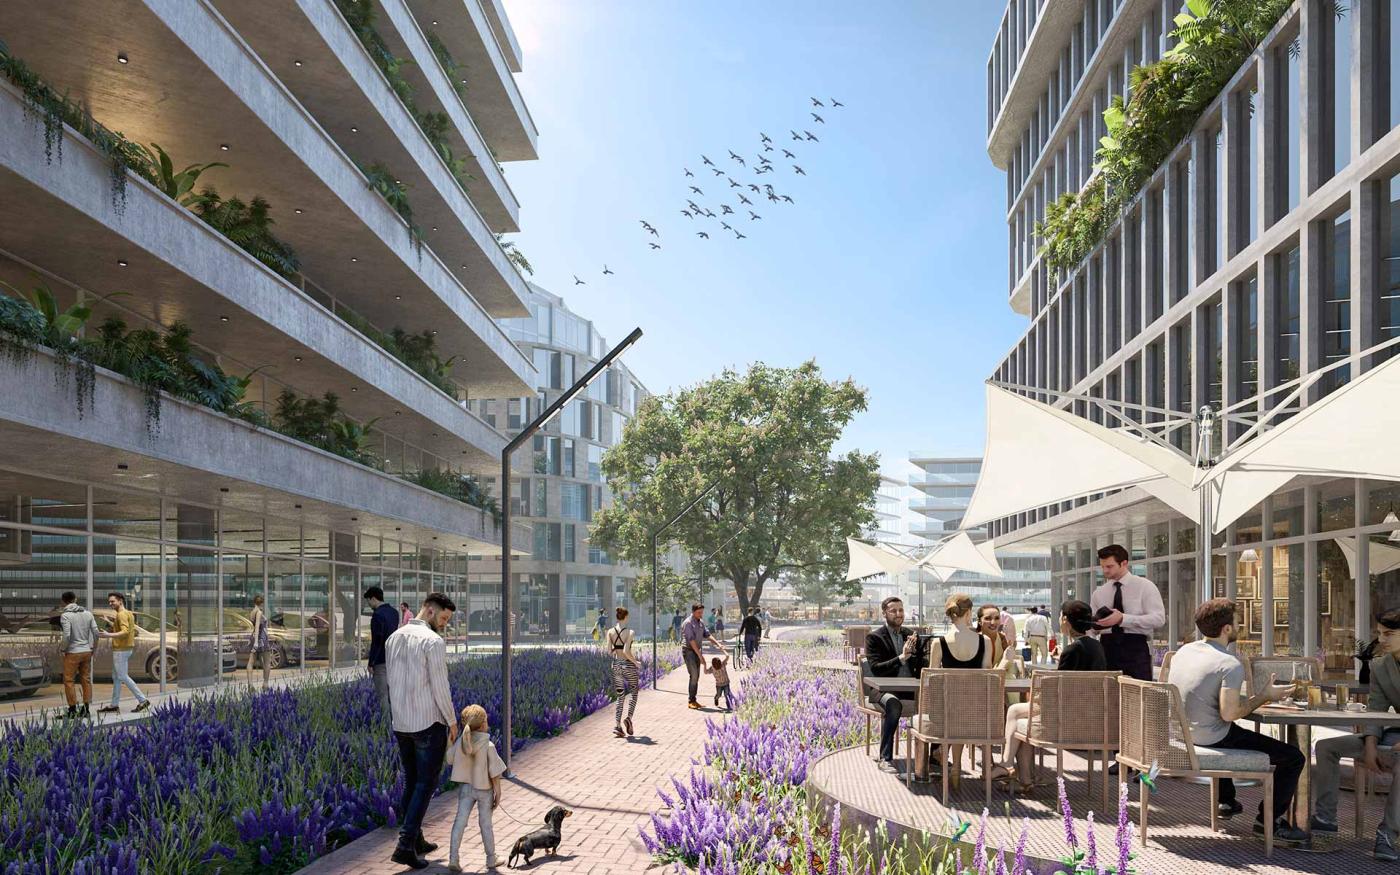 Arquitectura del paisaje y urbanismo: Parque de los senderos nativos, una nueva propuesta de ciudad verde y peatonal